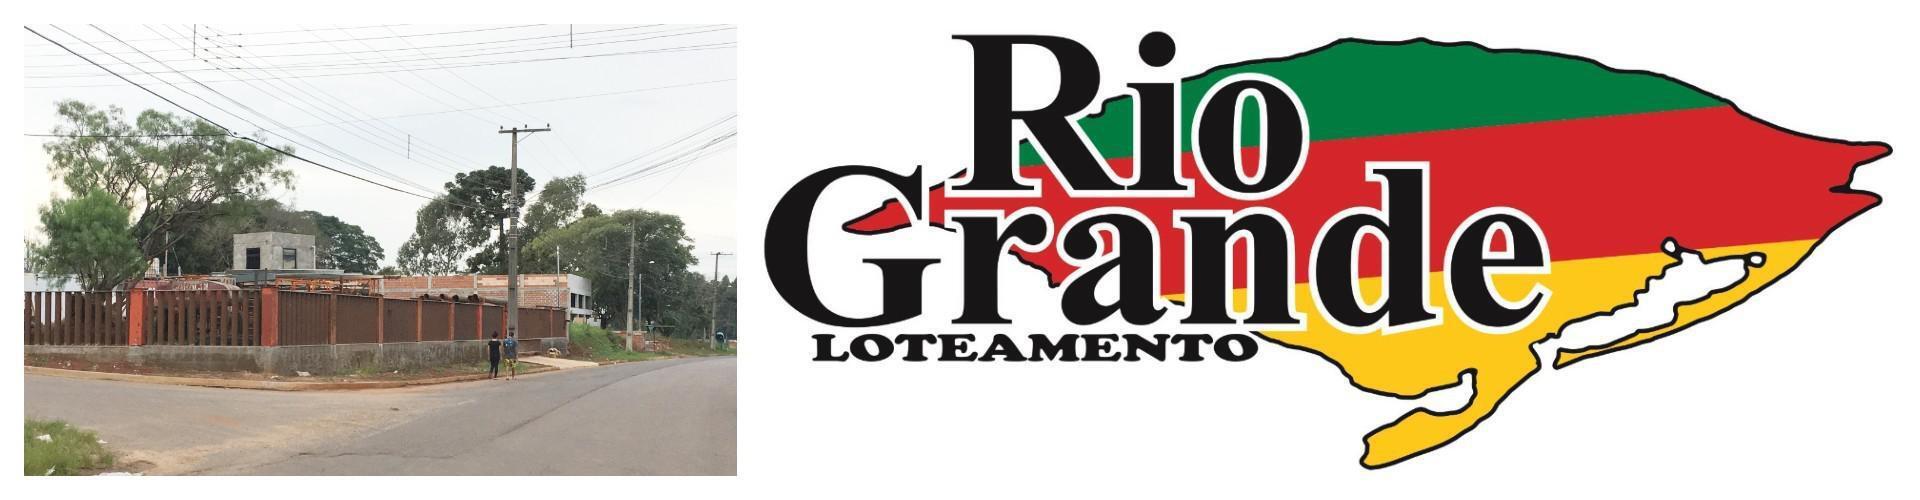 Passo Fundo Lotes com frente  Av. Rio Grande